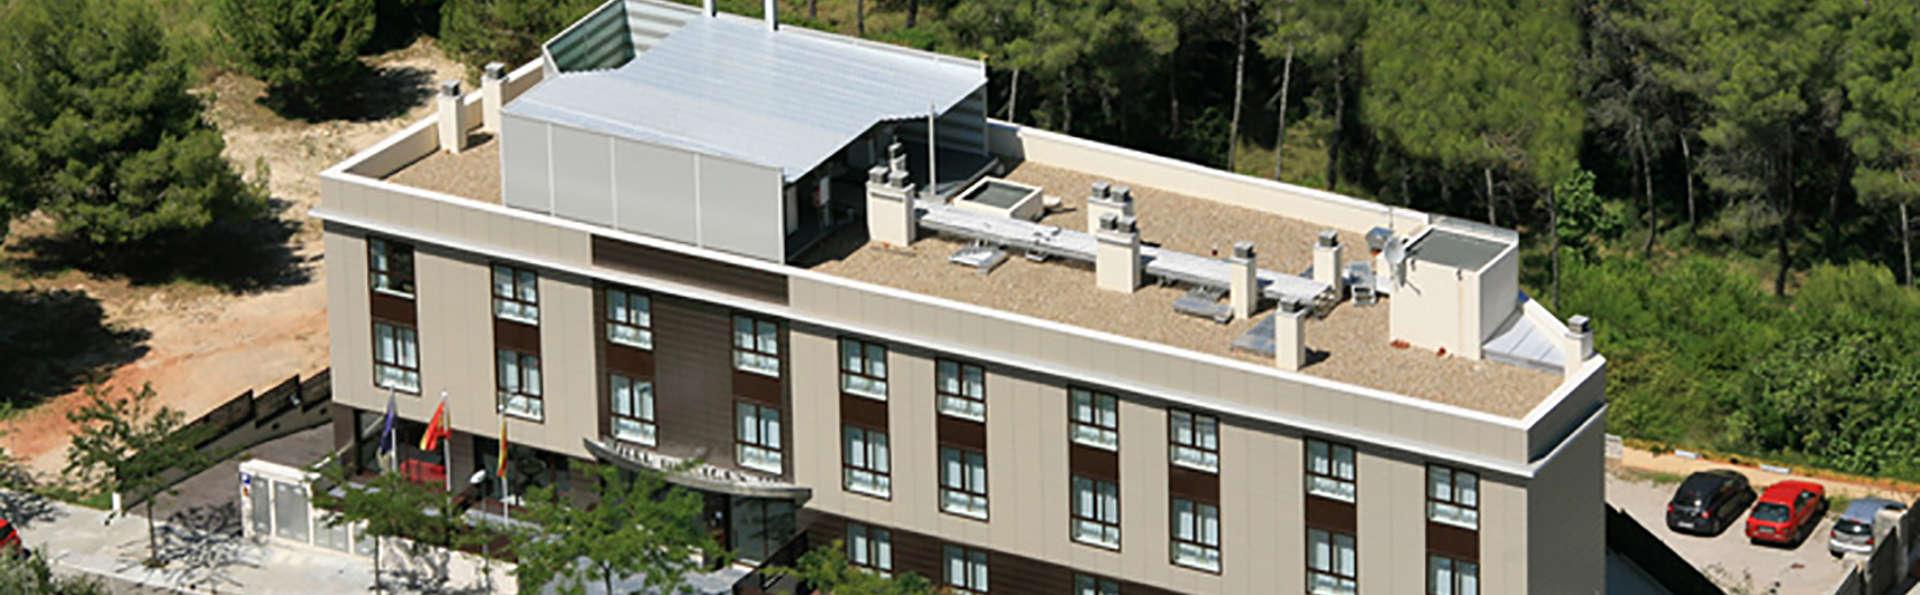 Hotel Desitges - Edit_view.jpg